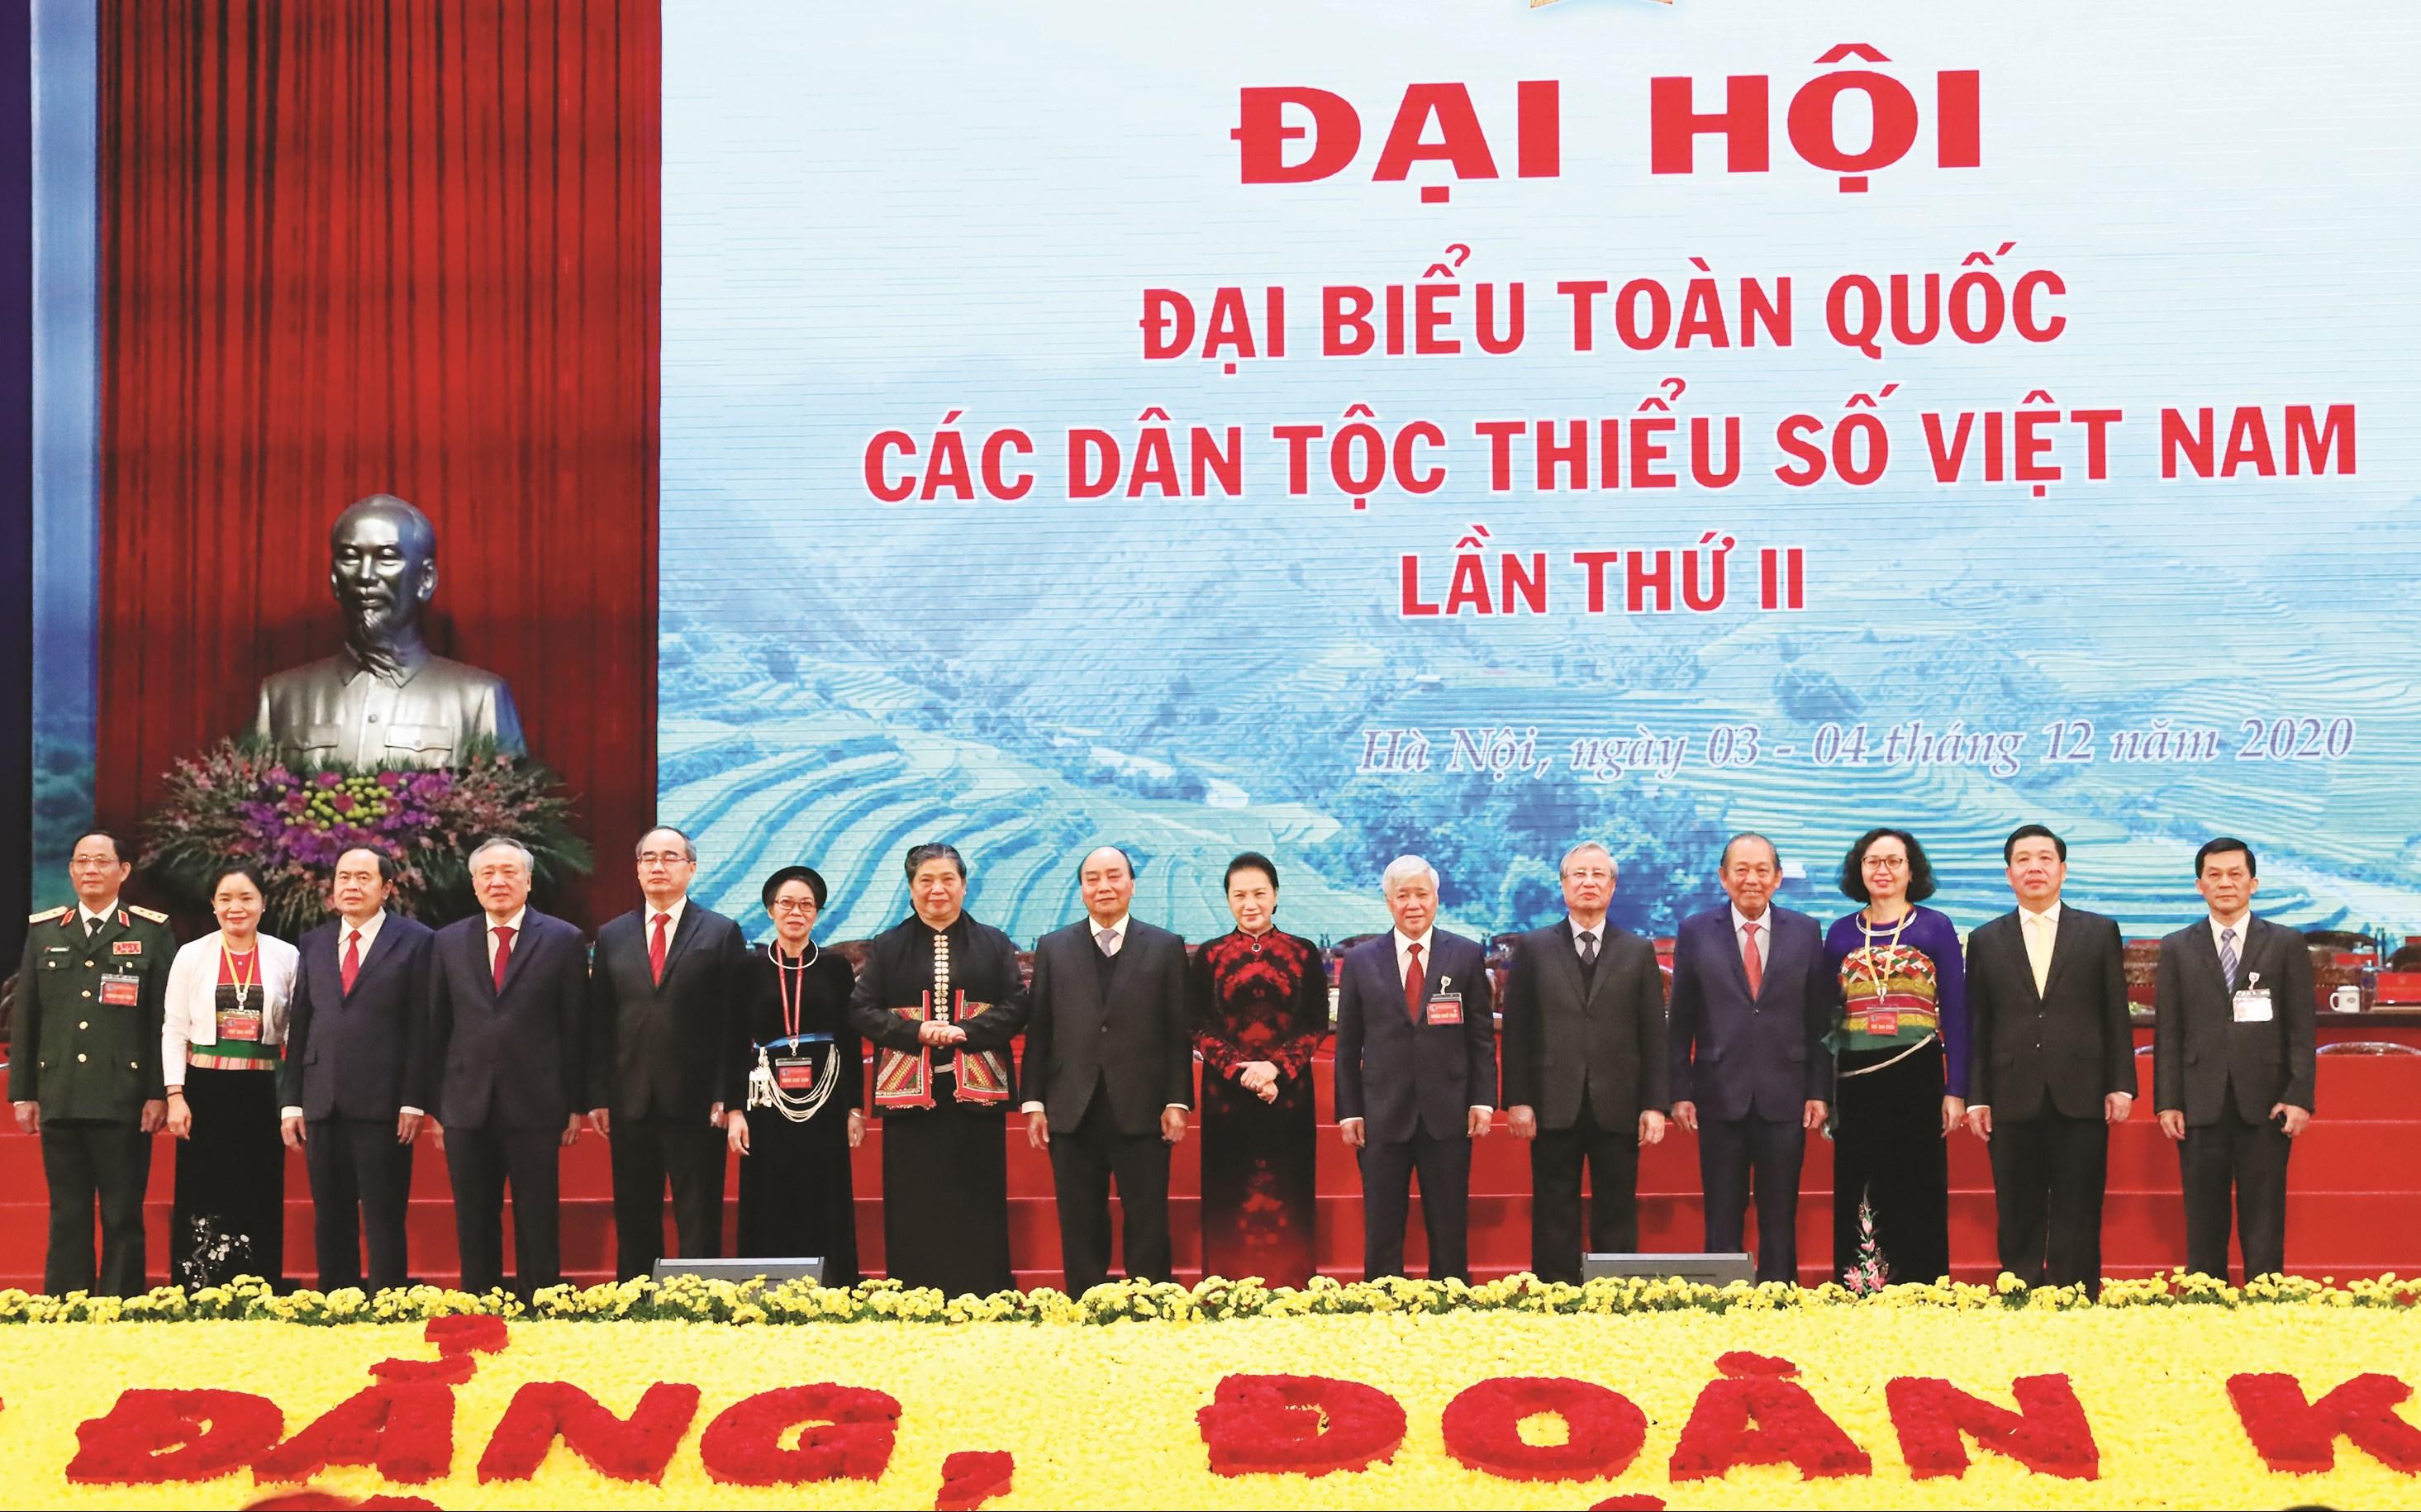 Lãnh đạo Đảng, Nhà nước dự Đại hội đại biểu toàn quốc các dân tộc thiểu số Việt Nam lần thứ II năm 2020.